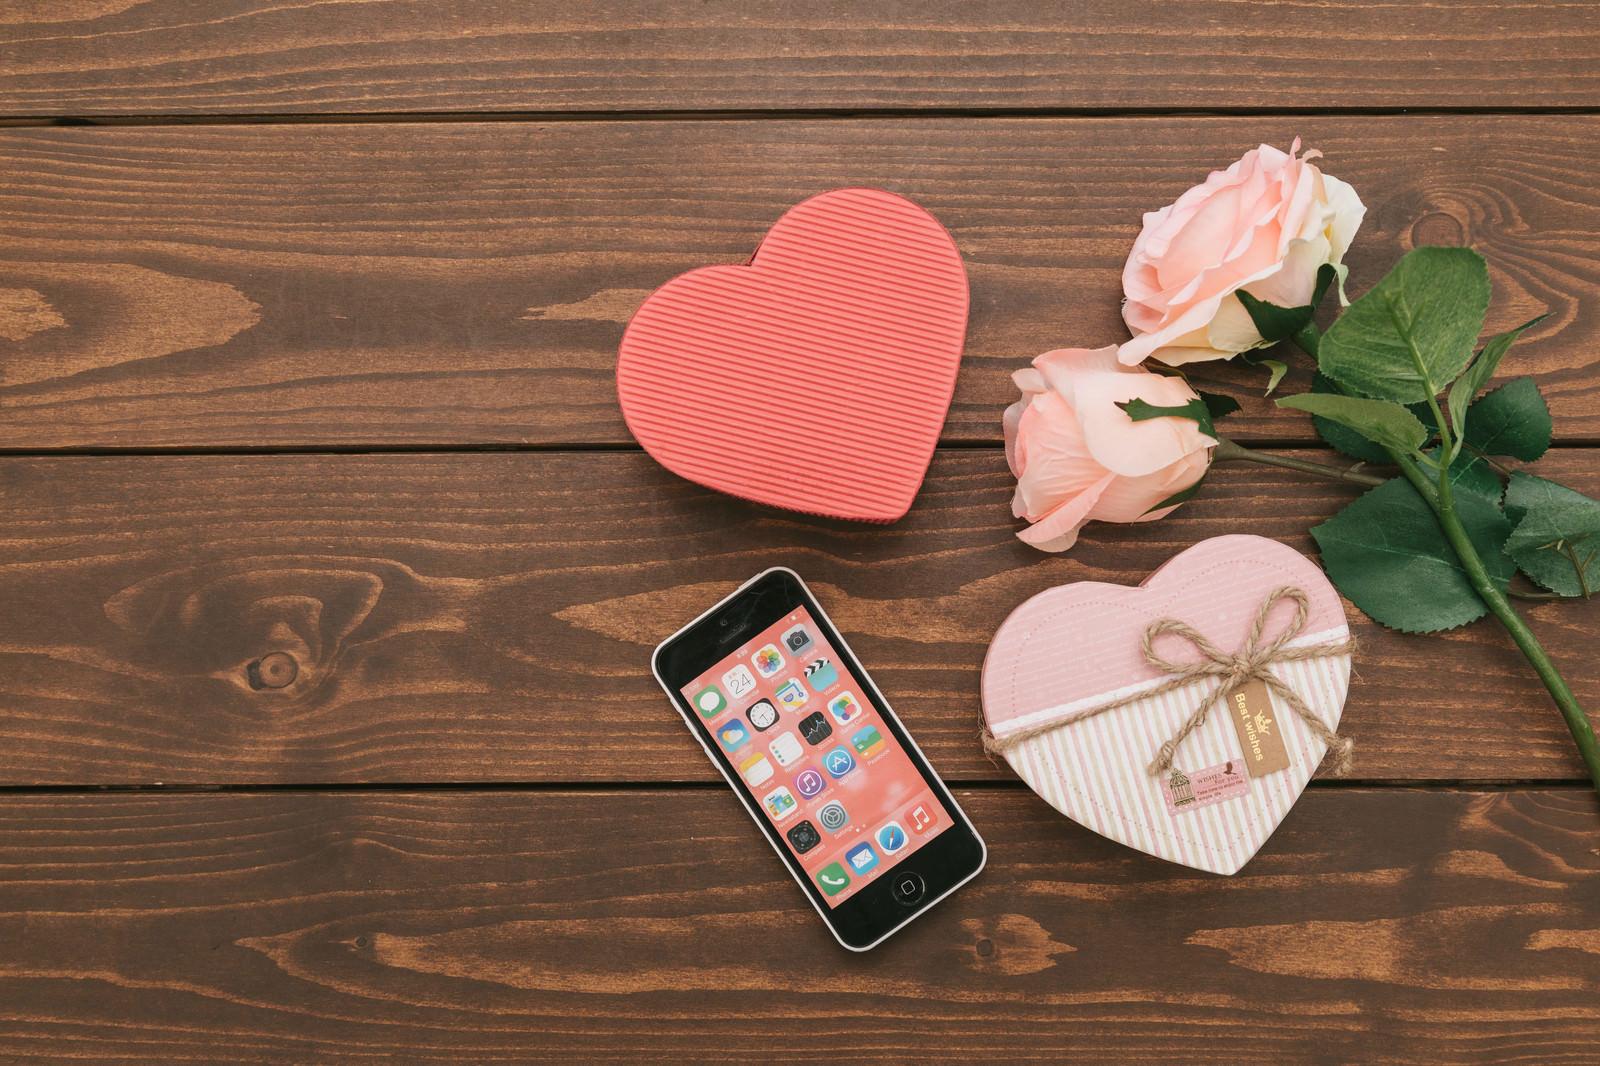 「SNSで告白してカップル誕生!ハート型のバレンタイン」の写真